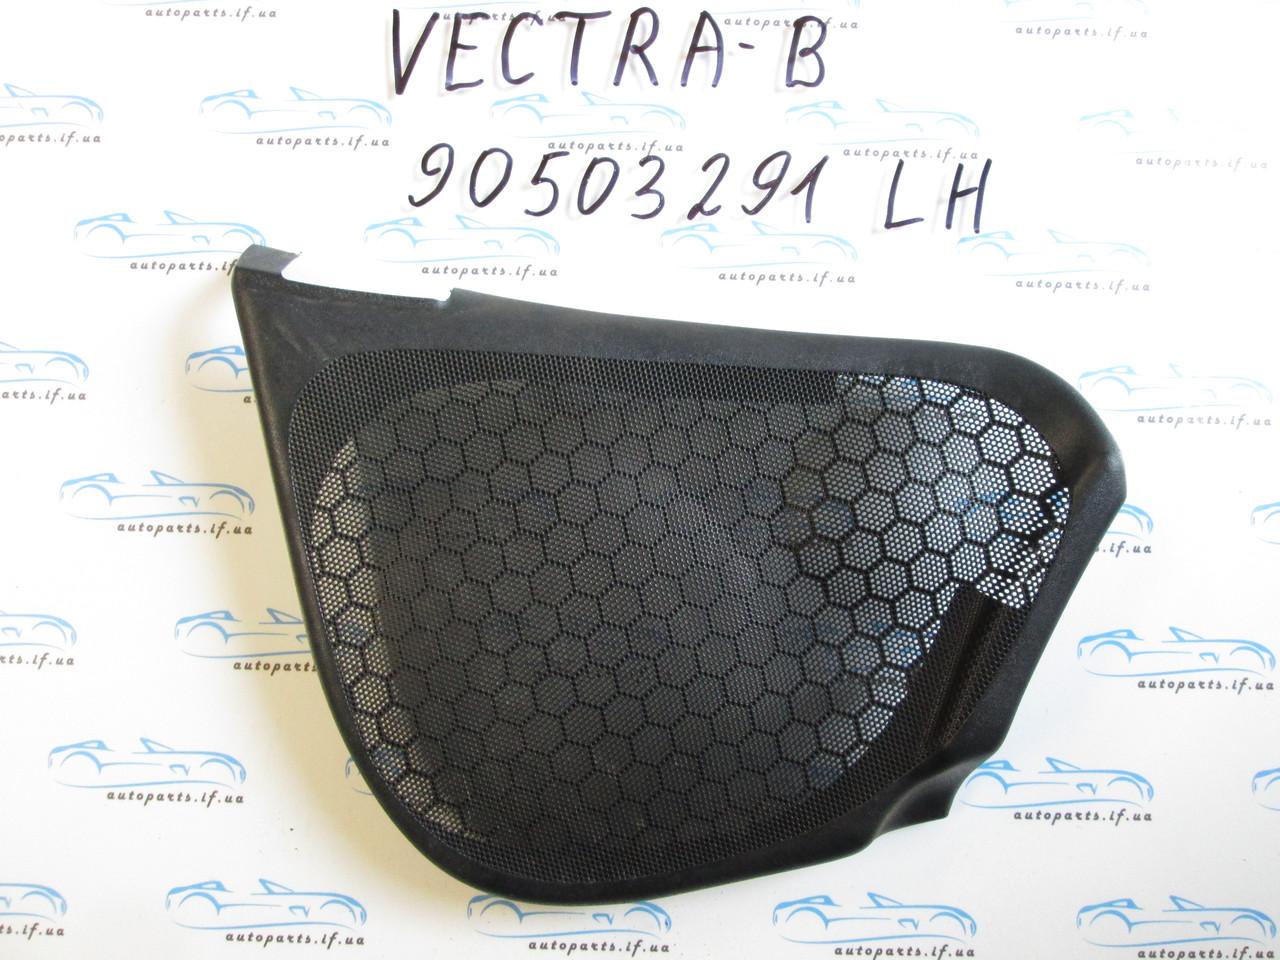 Накладка динамика Вектра Б, opel Vectra B 90503291 левая передняя